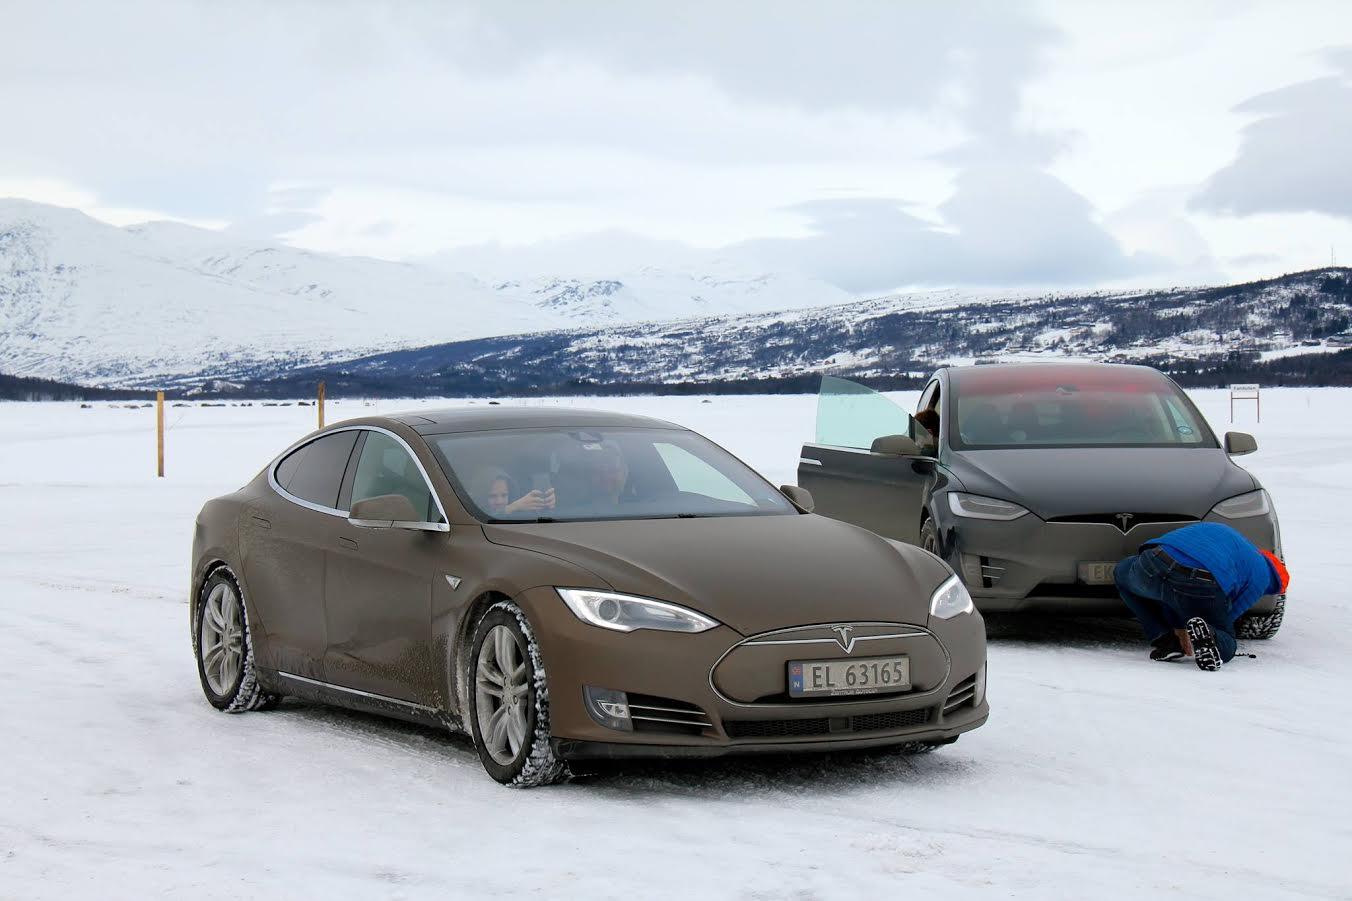 vml15 - Tesla Owners Club Norway - Tesla Owners Club Norway